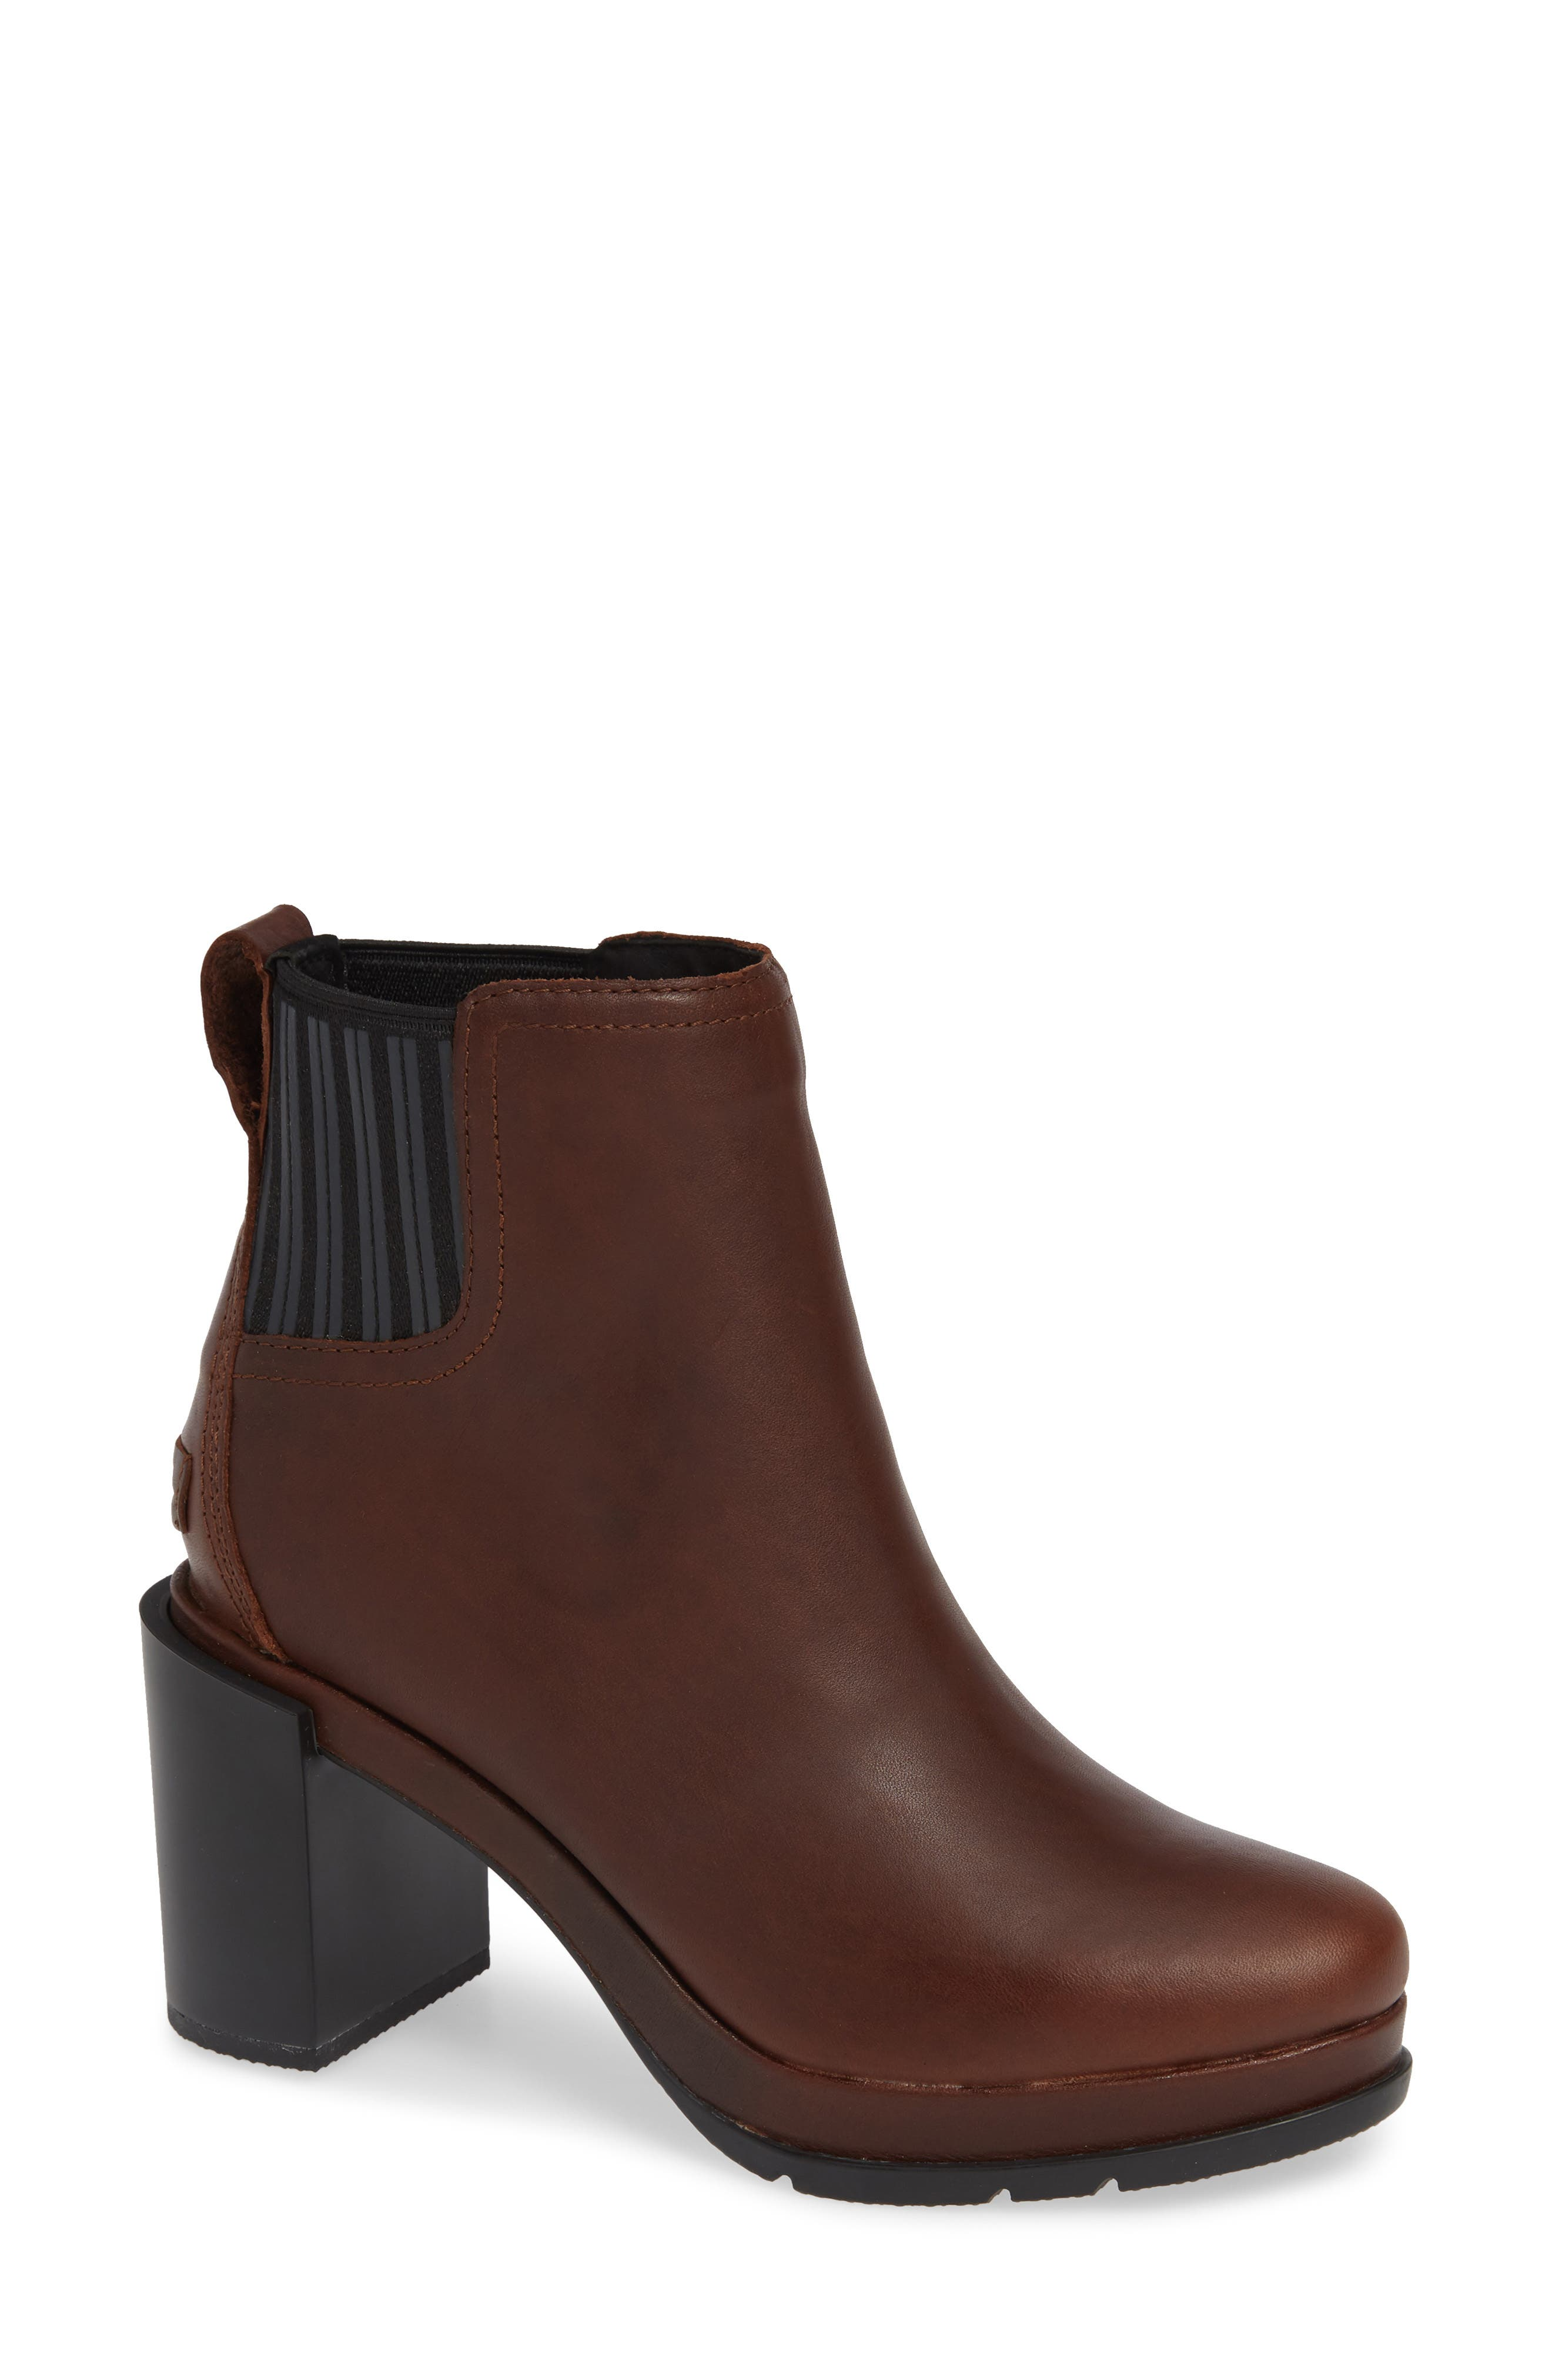 Sorel Margo Waterproof Chelsea Boot, Brown